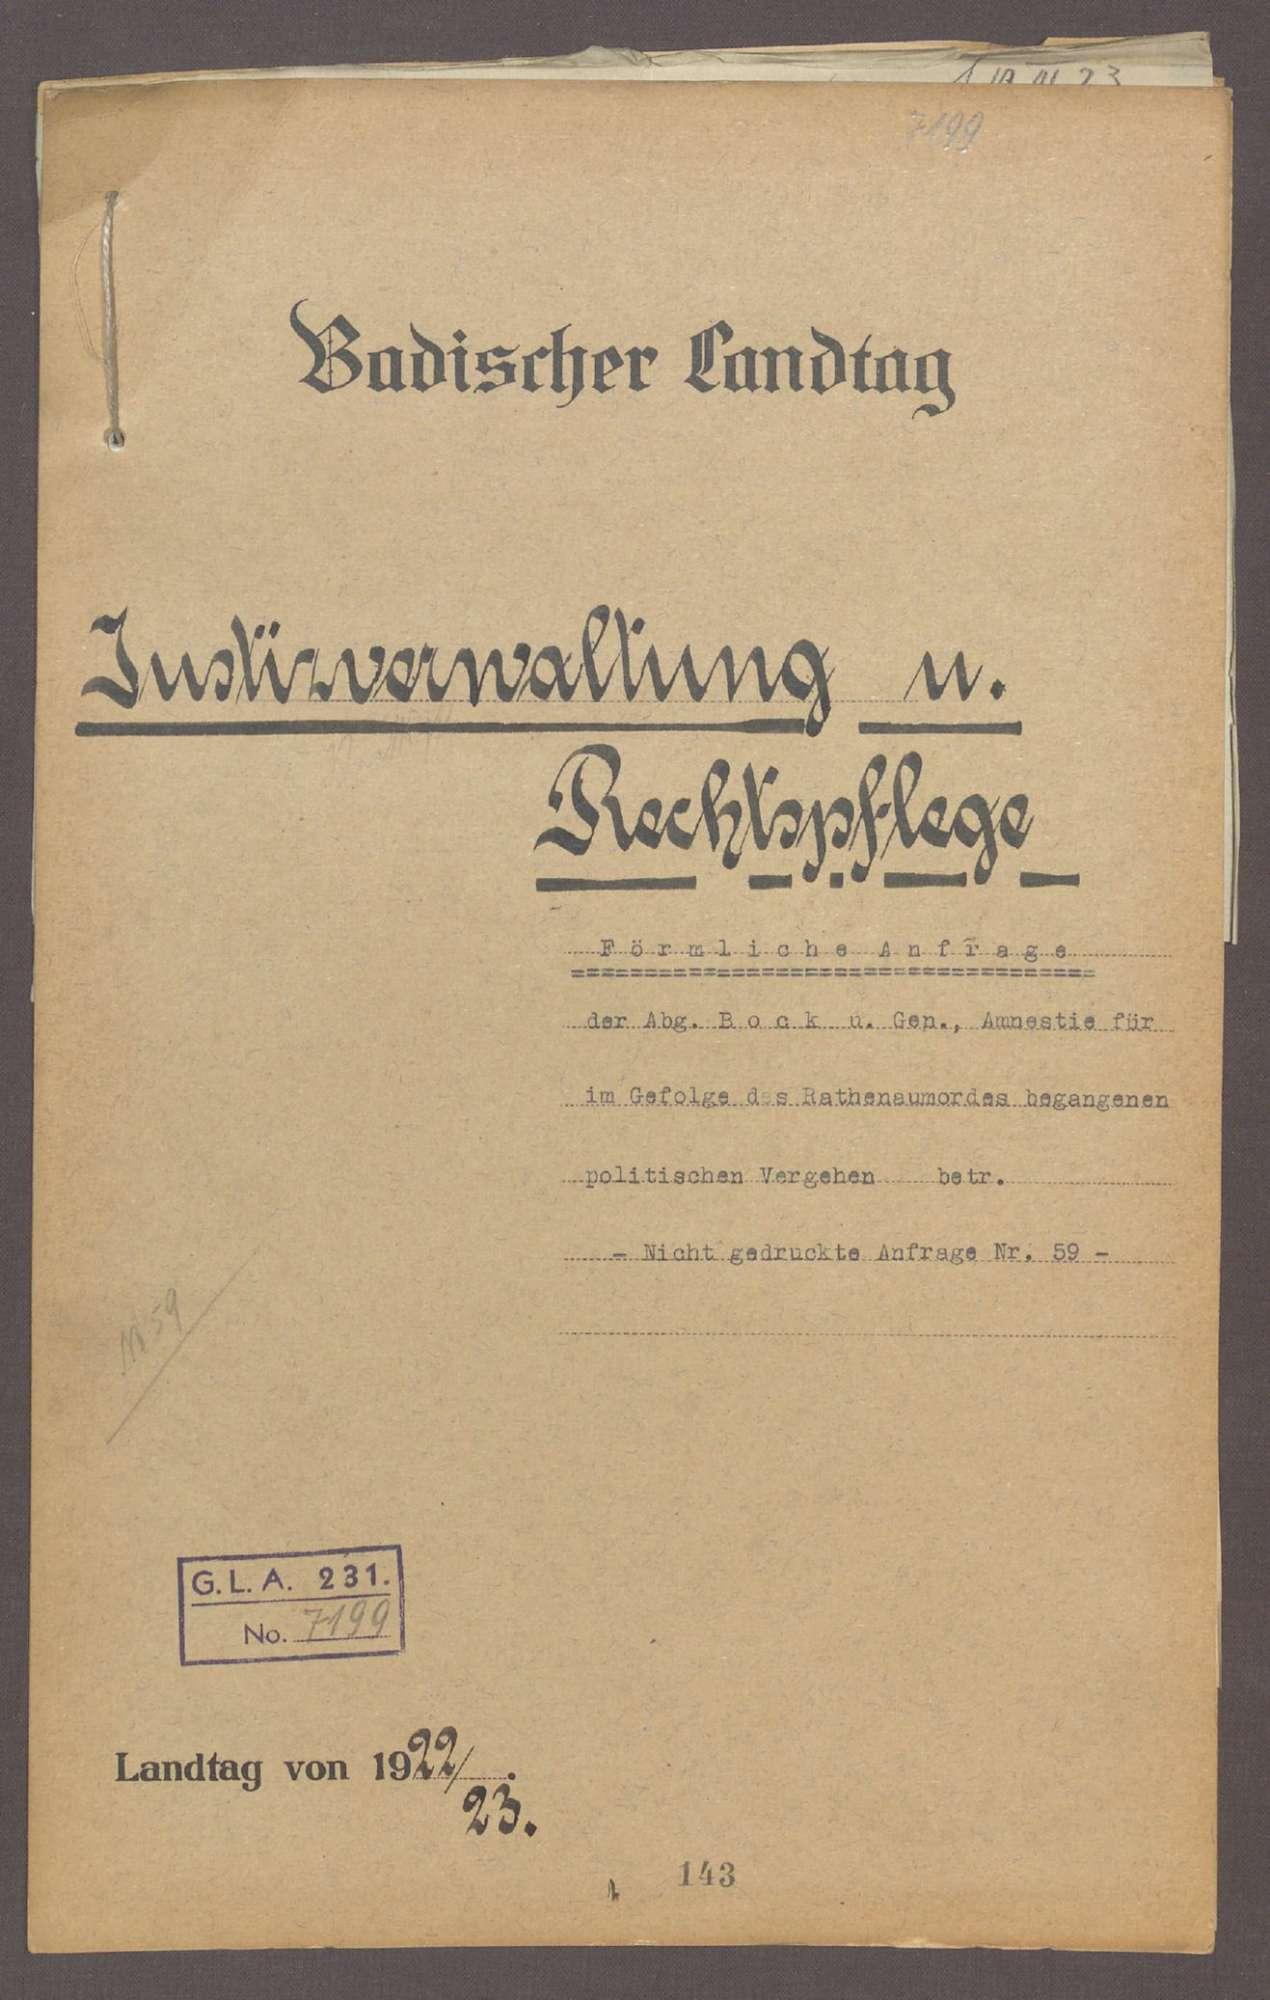 Förmliche Anfrage der Abg. Bock u. Gen., Amnestie für im Gefolge des Rathenaumordes begangenen politischen Vergehen betr., Bild 1